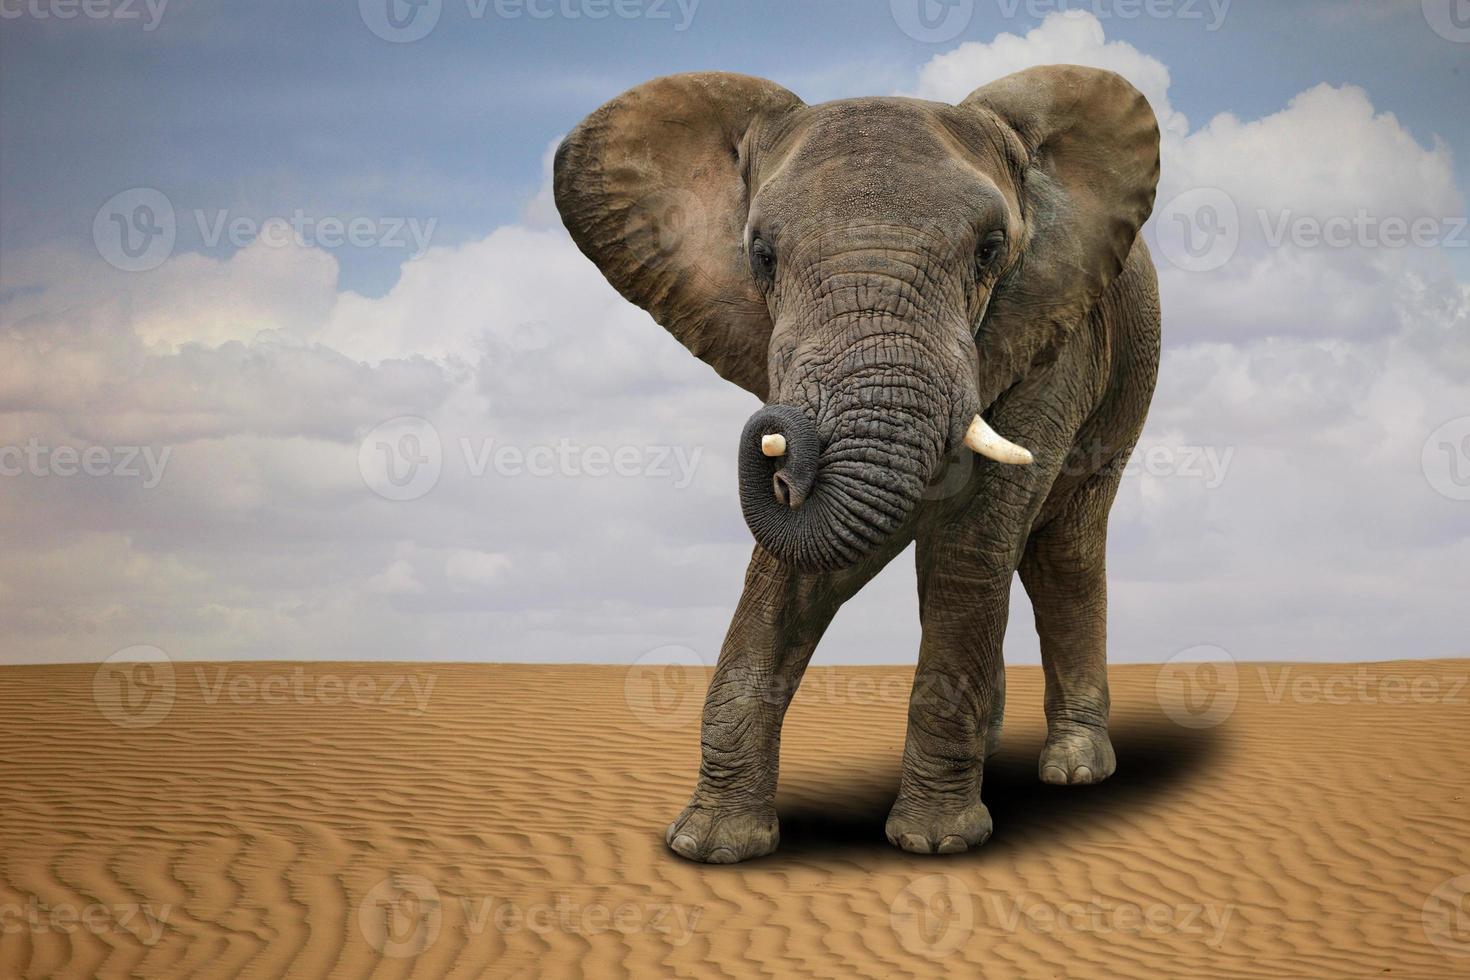 elefante africano solitario all'aperto alla luce del giorno foto